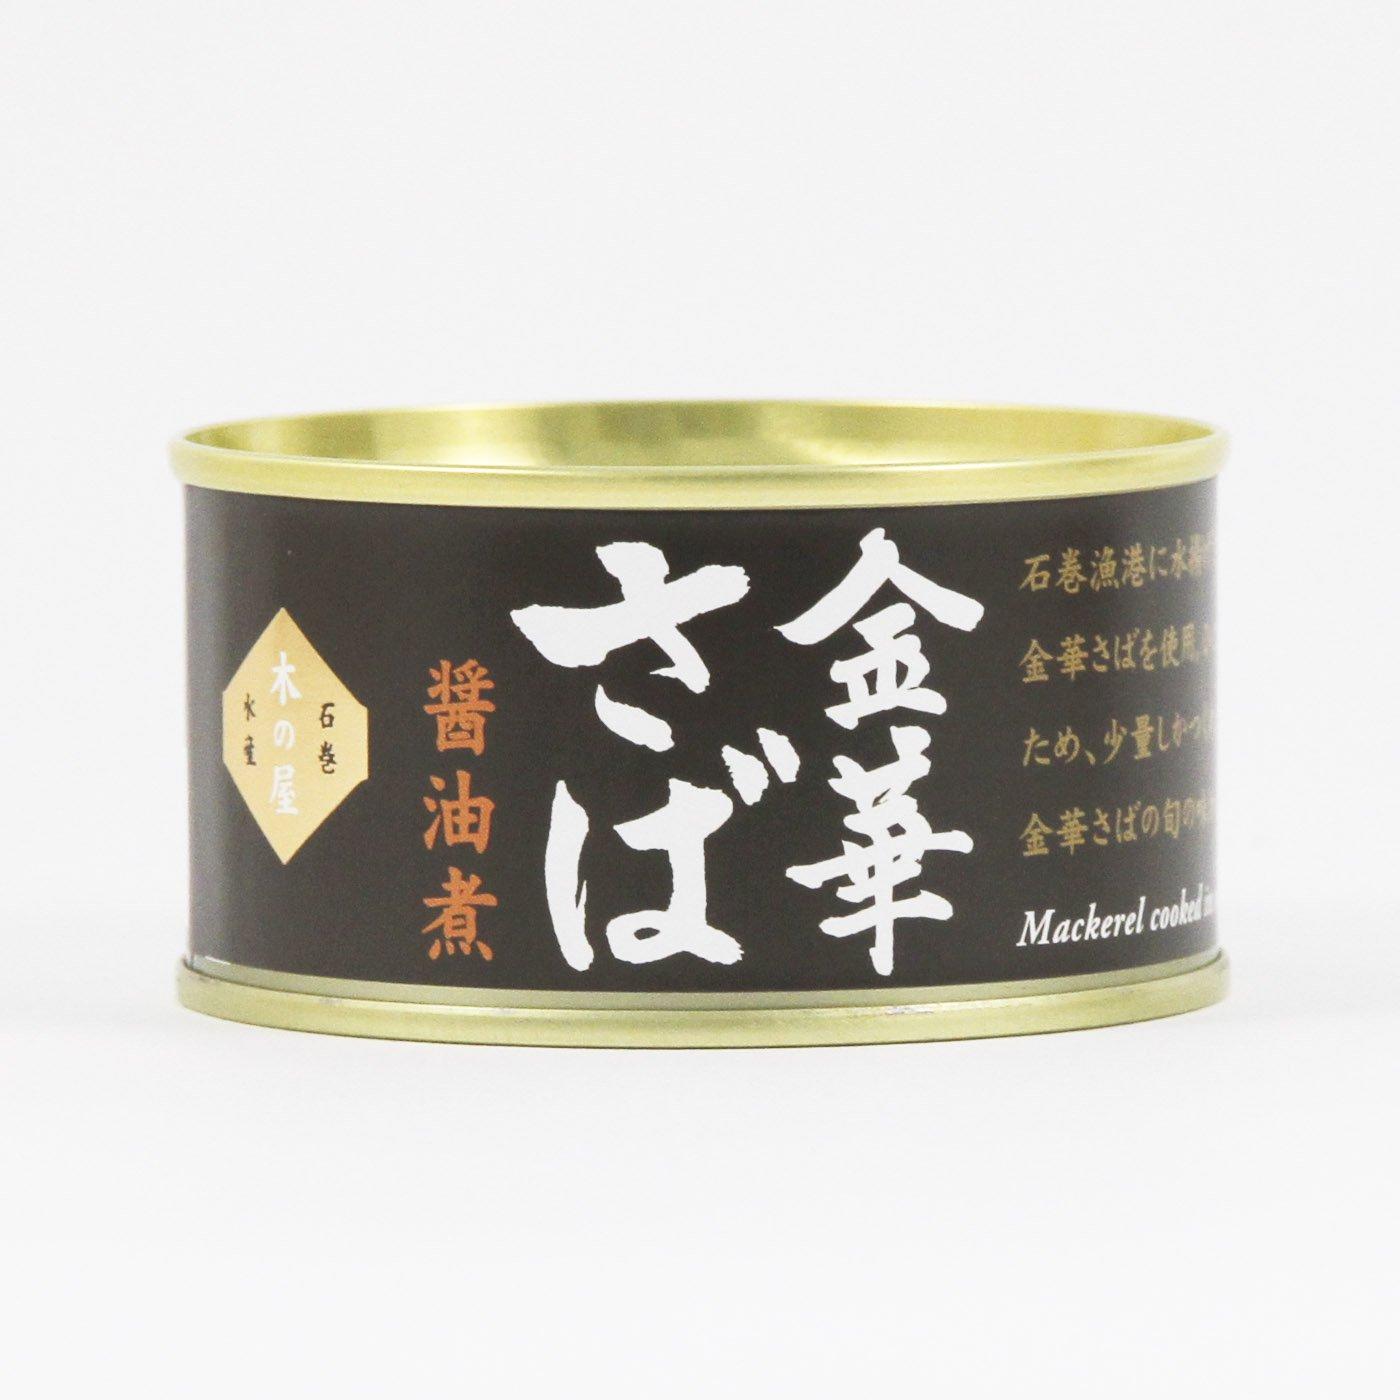 2021年【新物】金華さば缶詰(醤油)